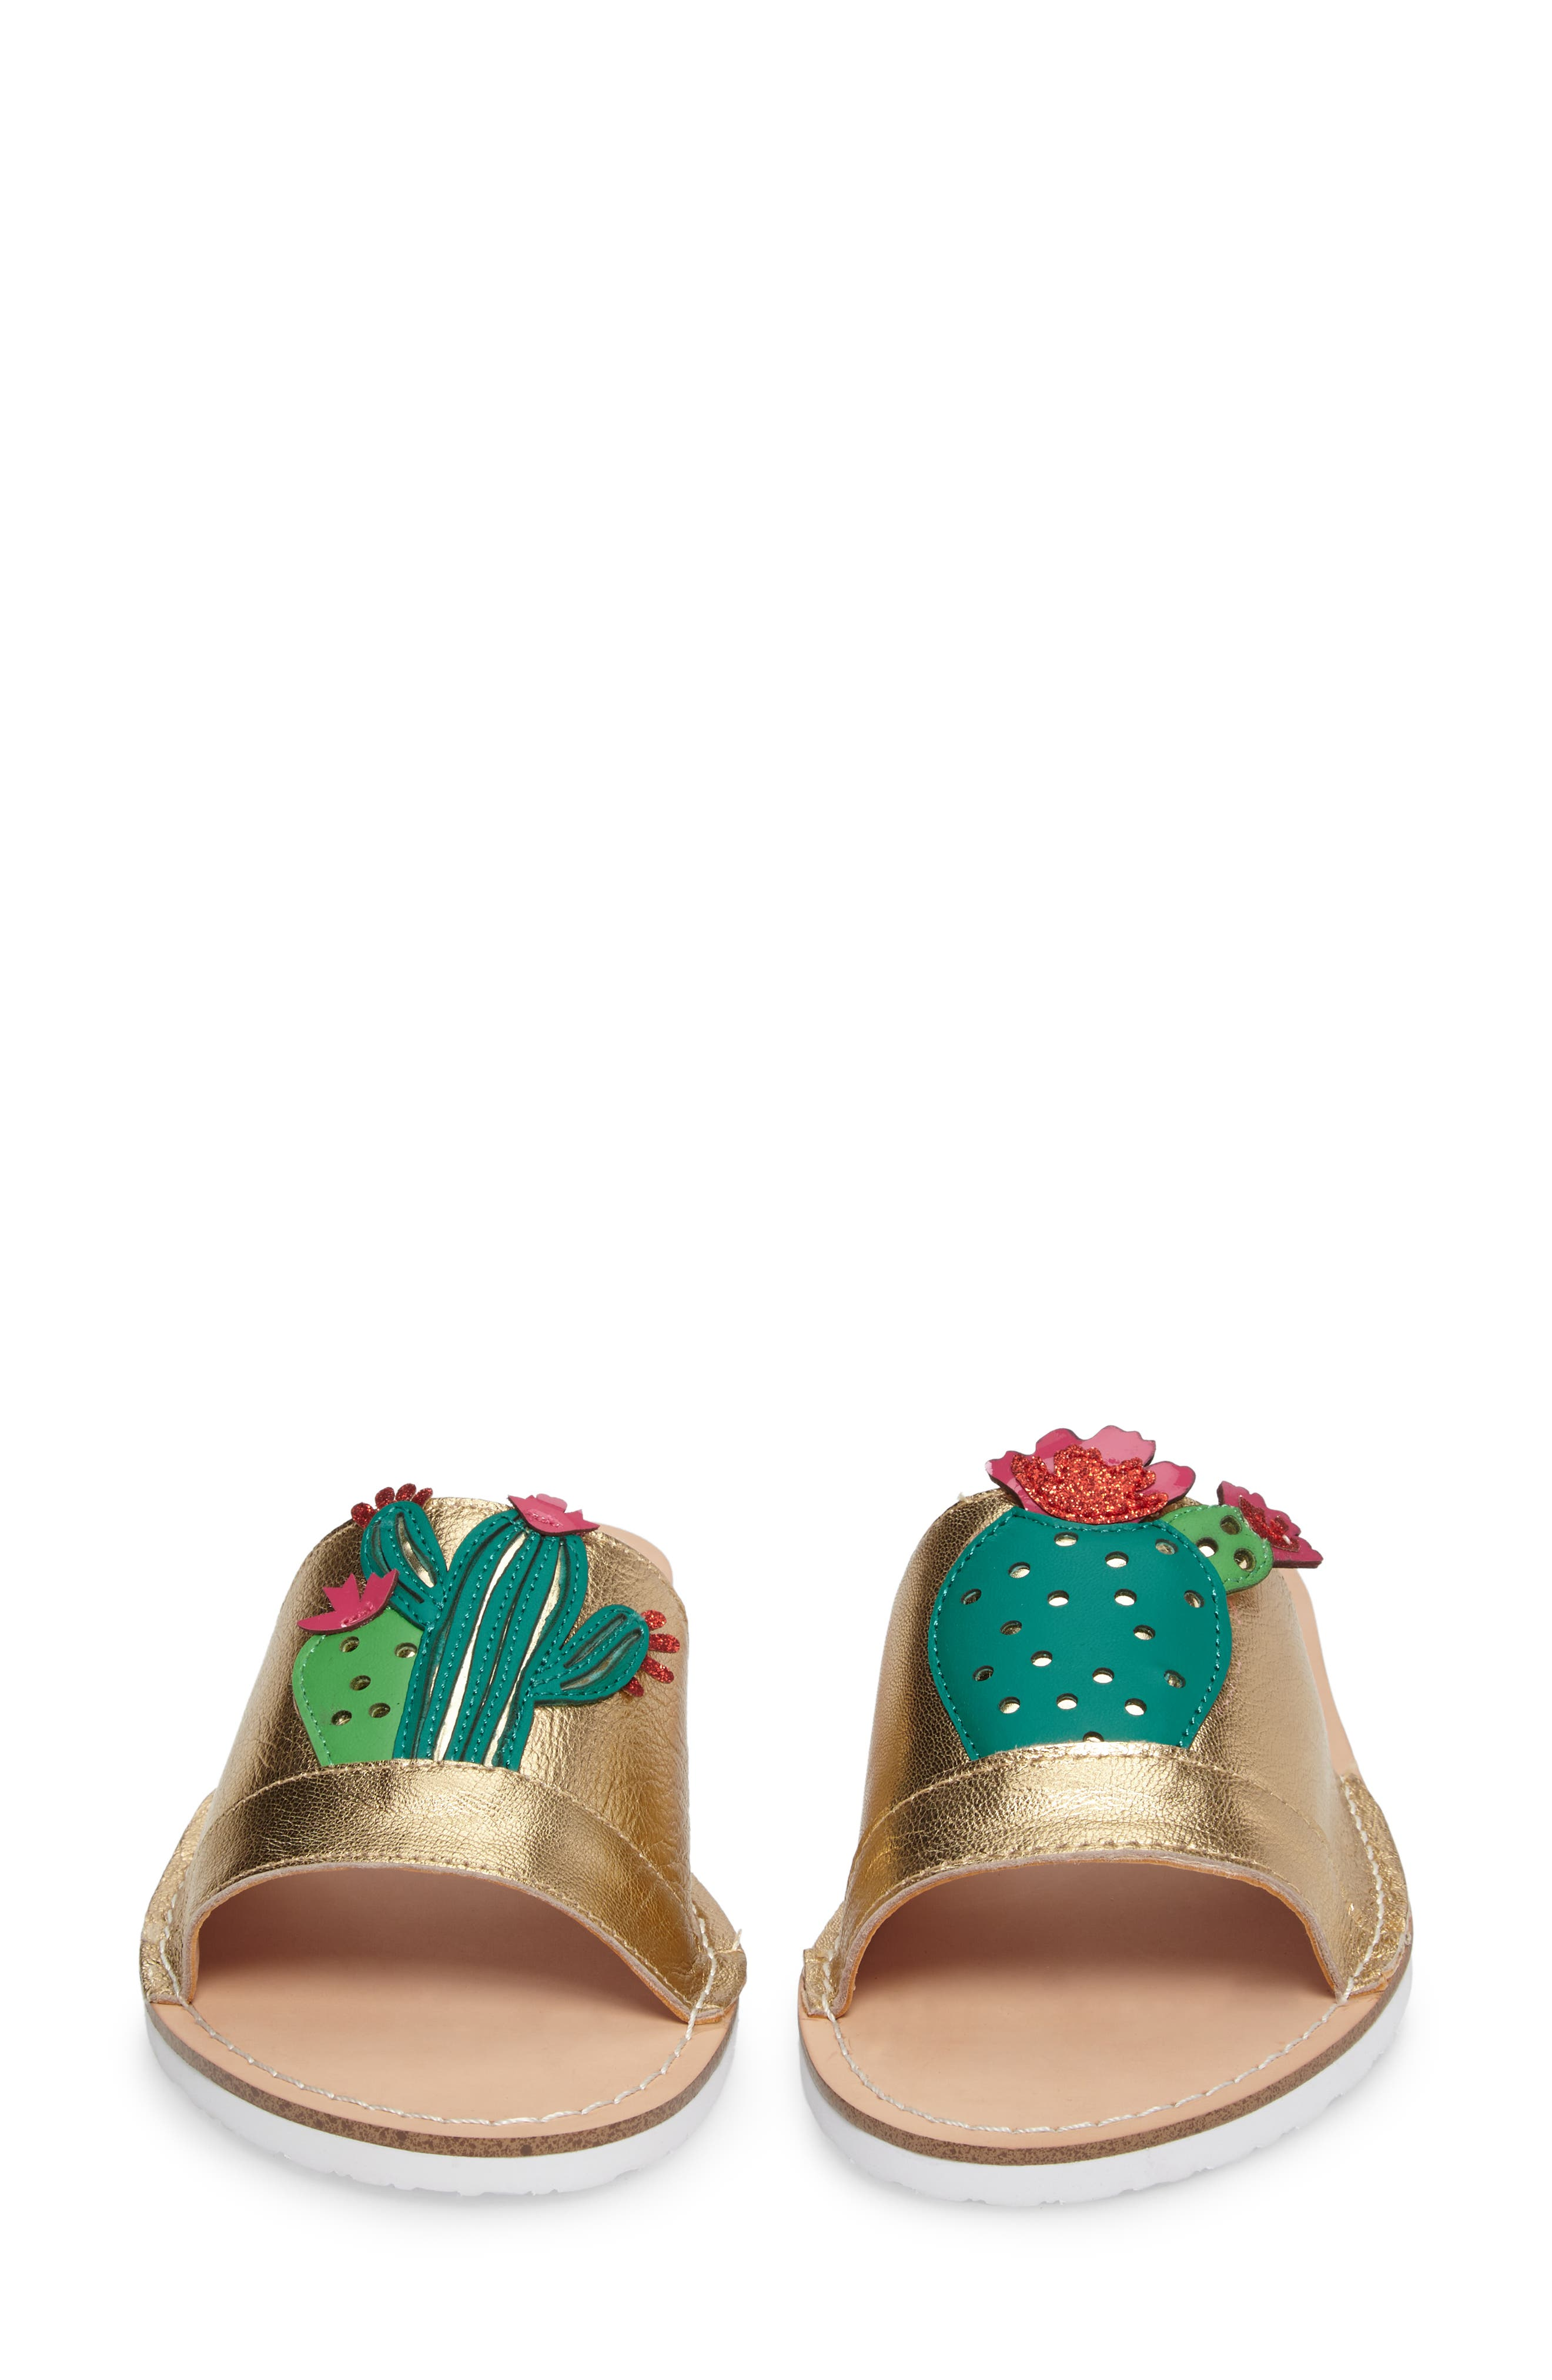 Alternate Image 3  - kate spade new york iguana slide sandal (Women)